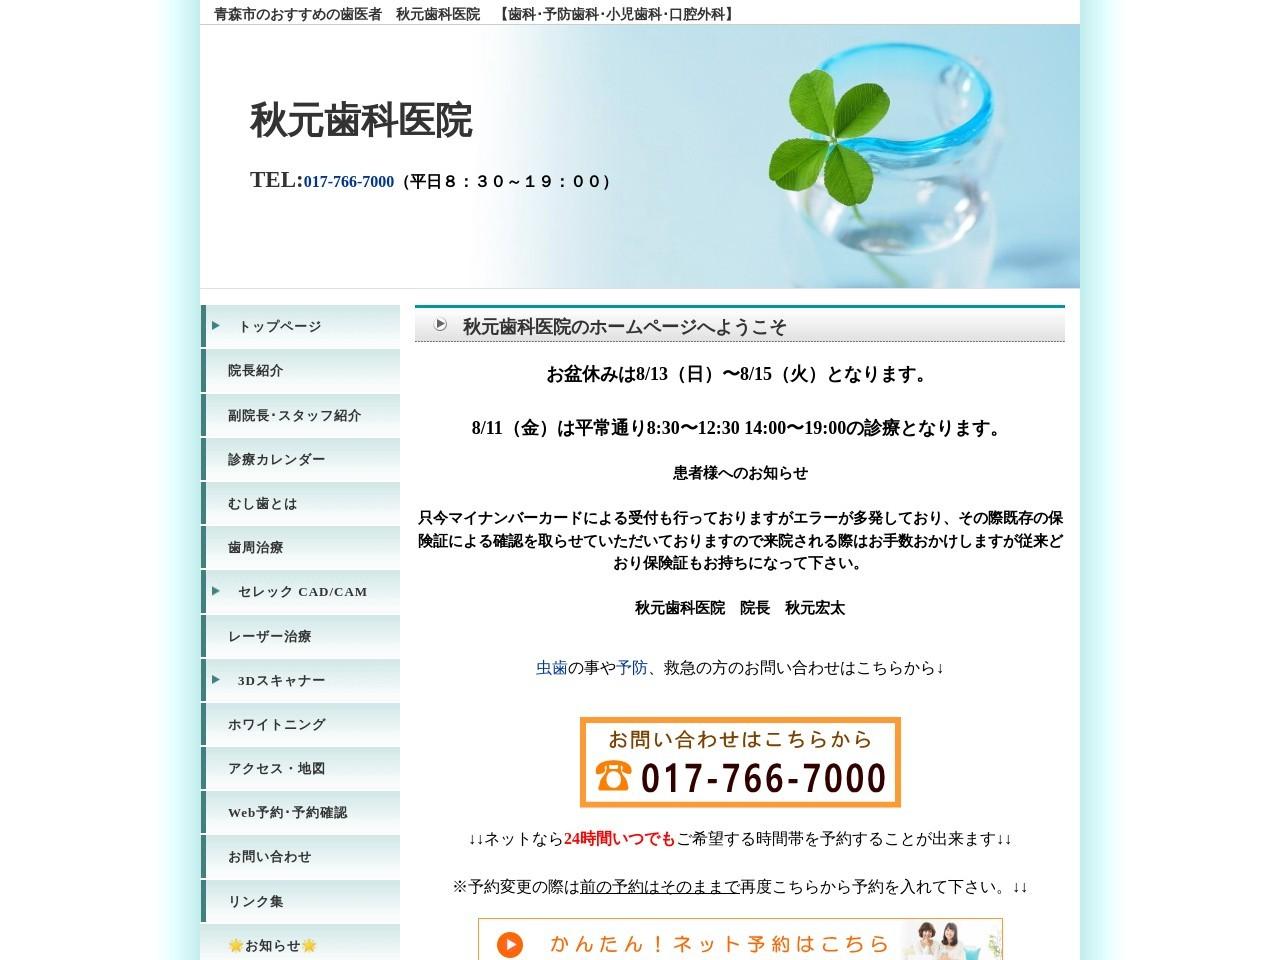 秋元歯科医院 (青森県青森市)